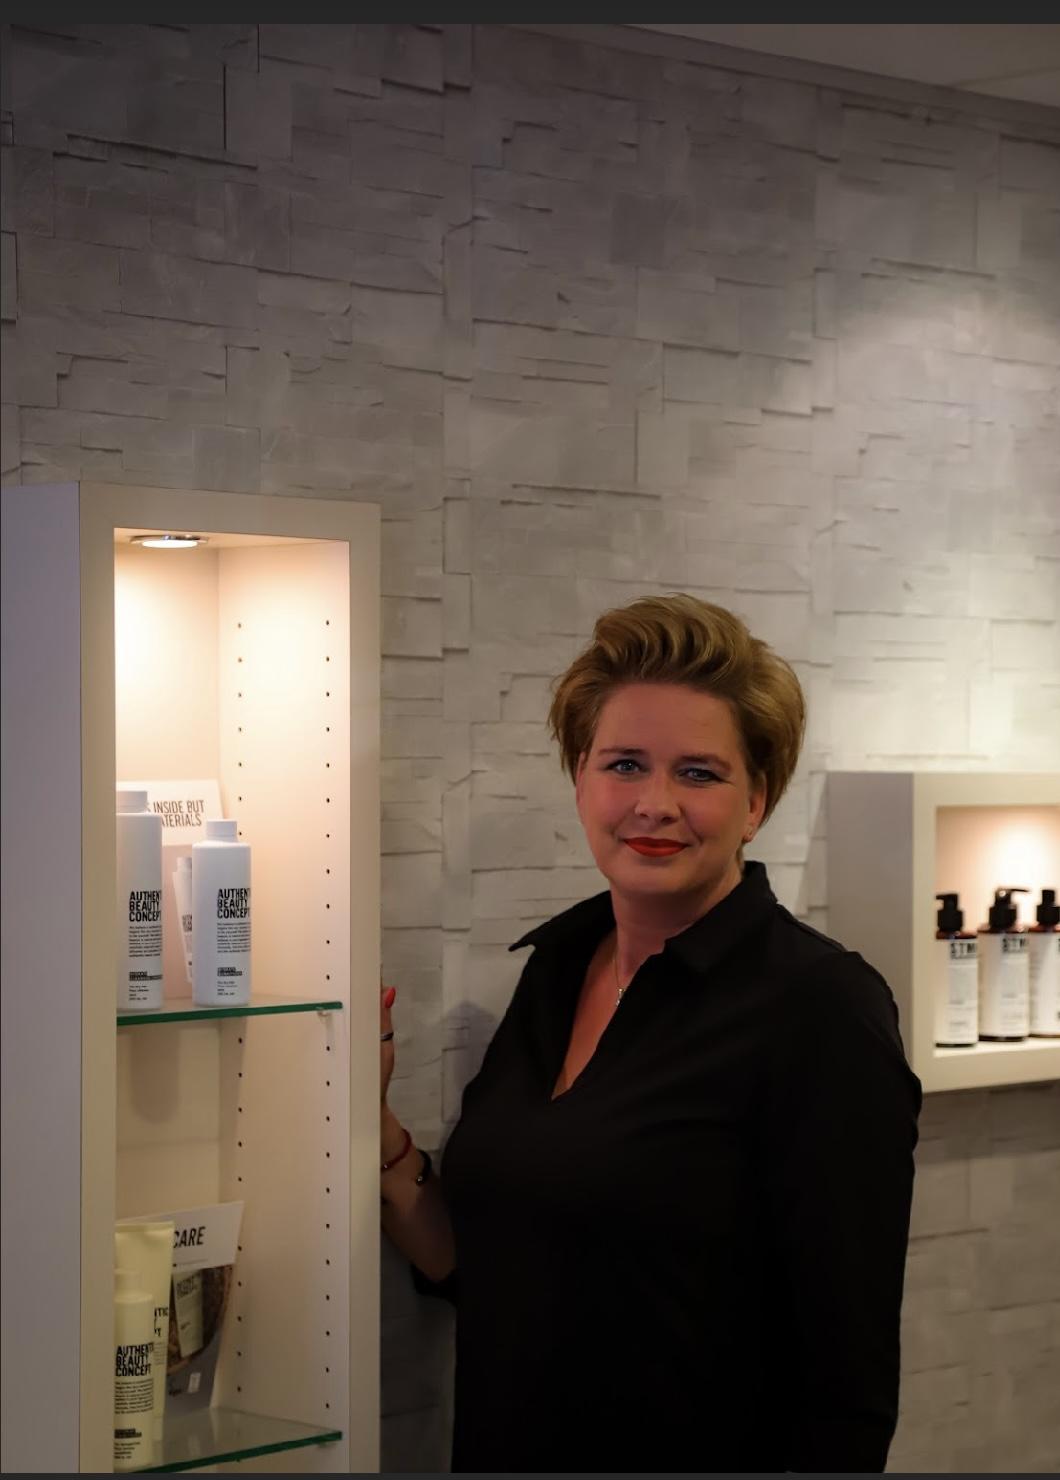 Dominique - Kapper bij Haarverzorging Den Dolder Den Dolder